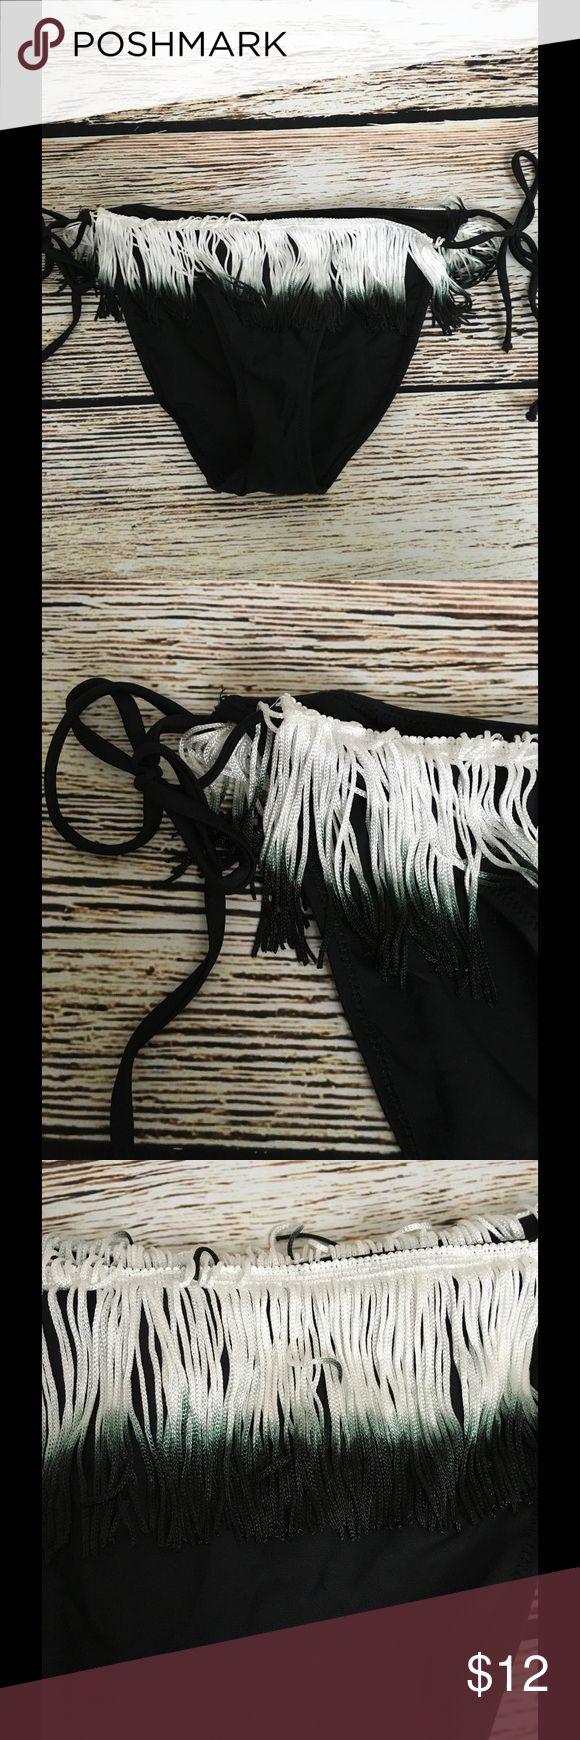 ASOS Size 12 String Bikini Bottom Women's Fringe NWOT Size 12 Fringe Side Tie Bottom only Black mark through label to prevent return to store or catalog ASOS Swim